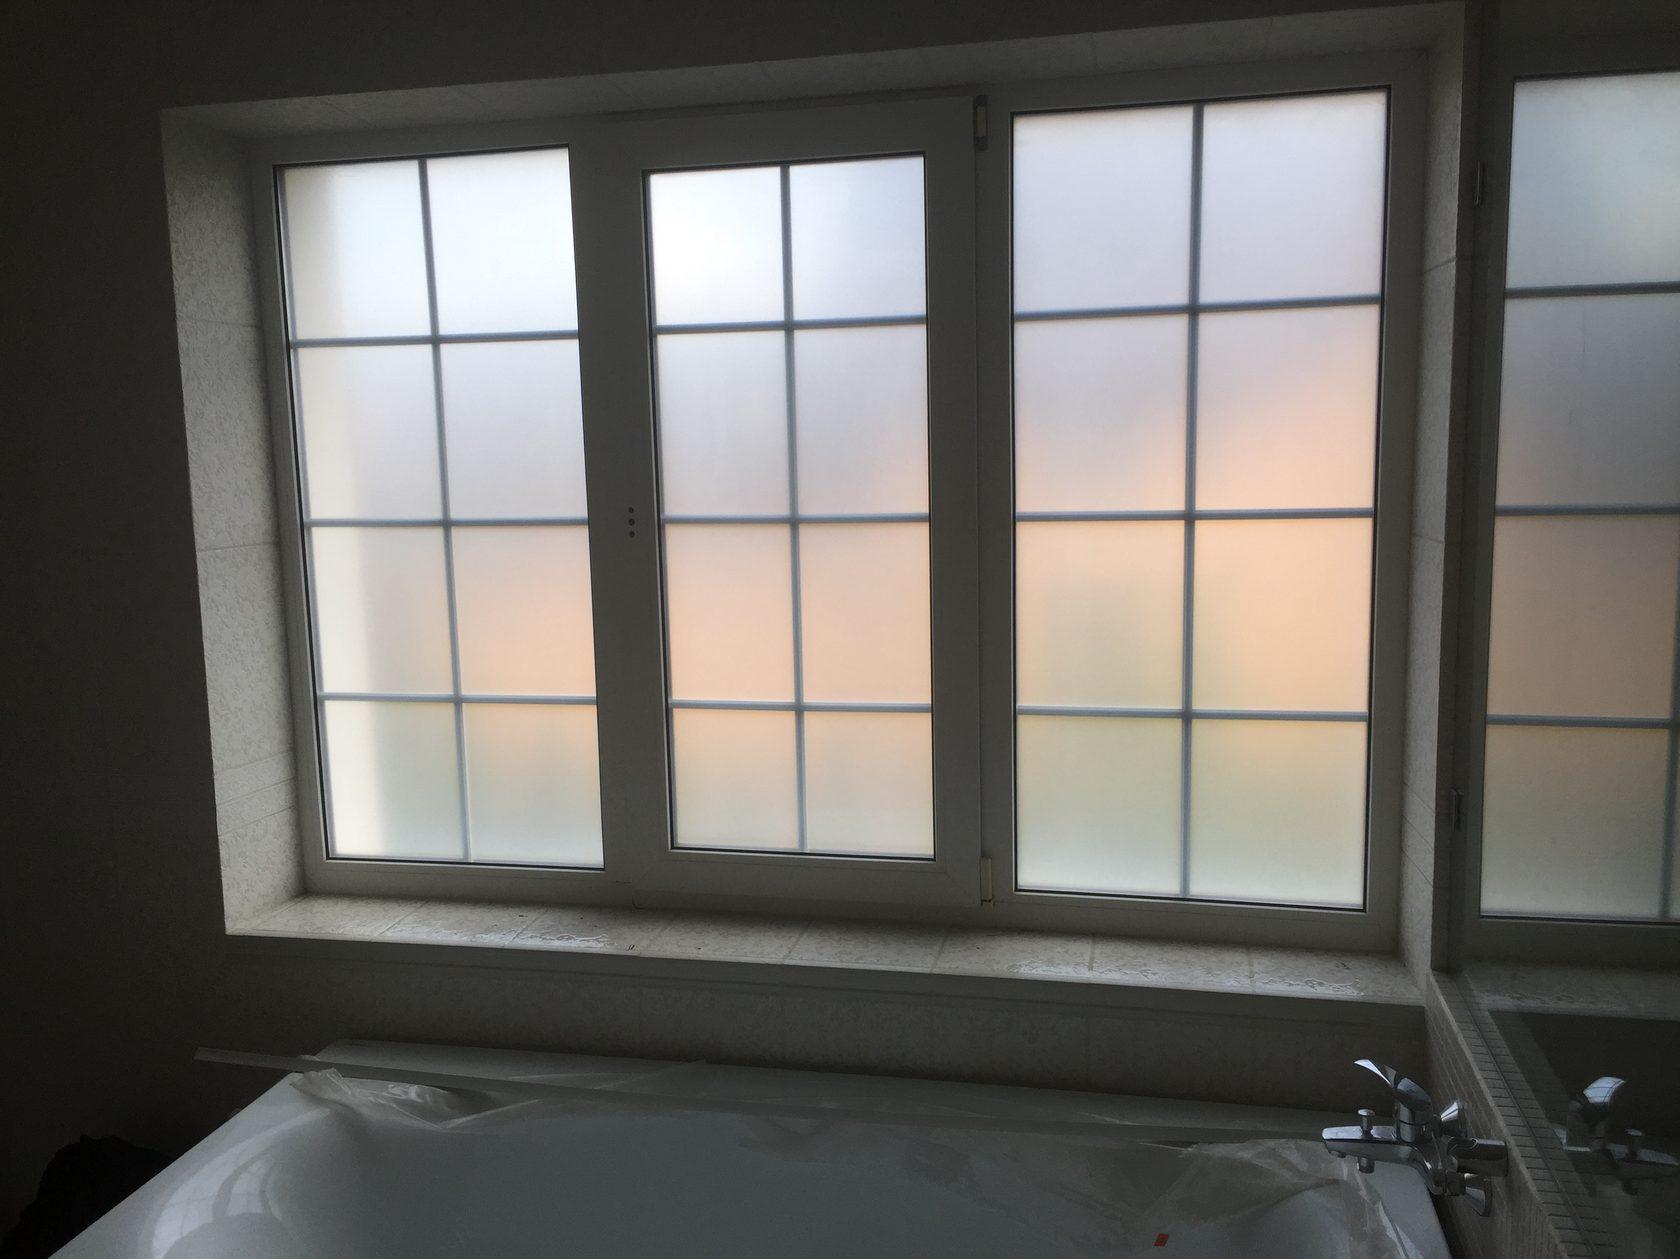 можно солнцезащитные окна картинки день